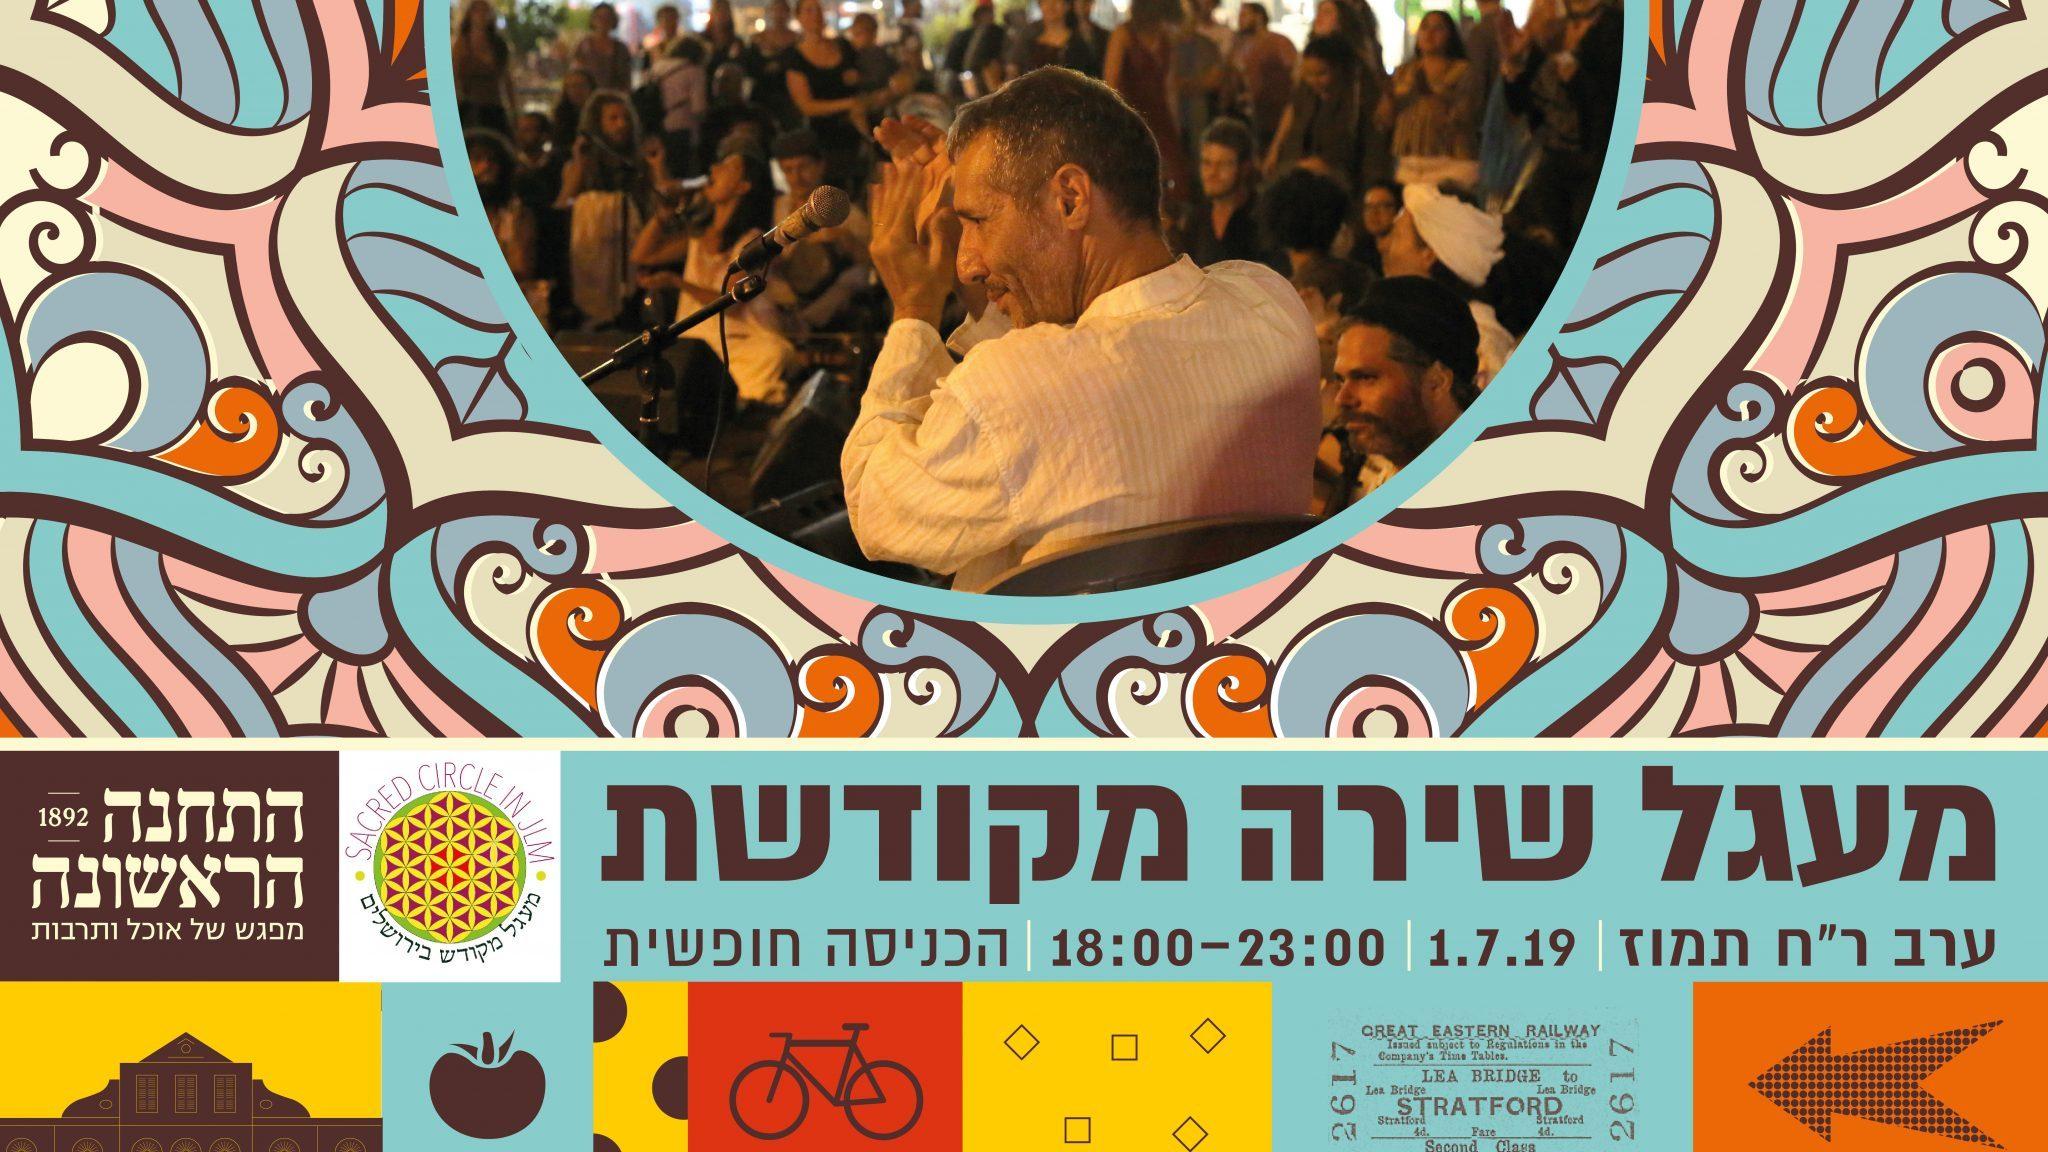 אירועי יולי הגדולים בתחנה הראשונה ירושלים